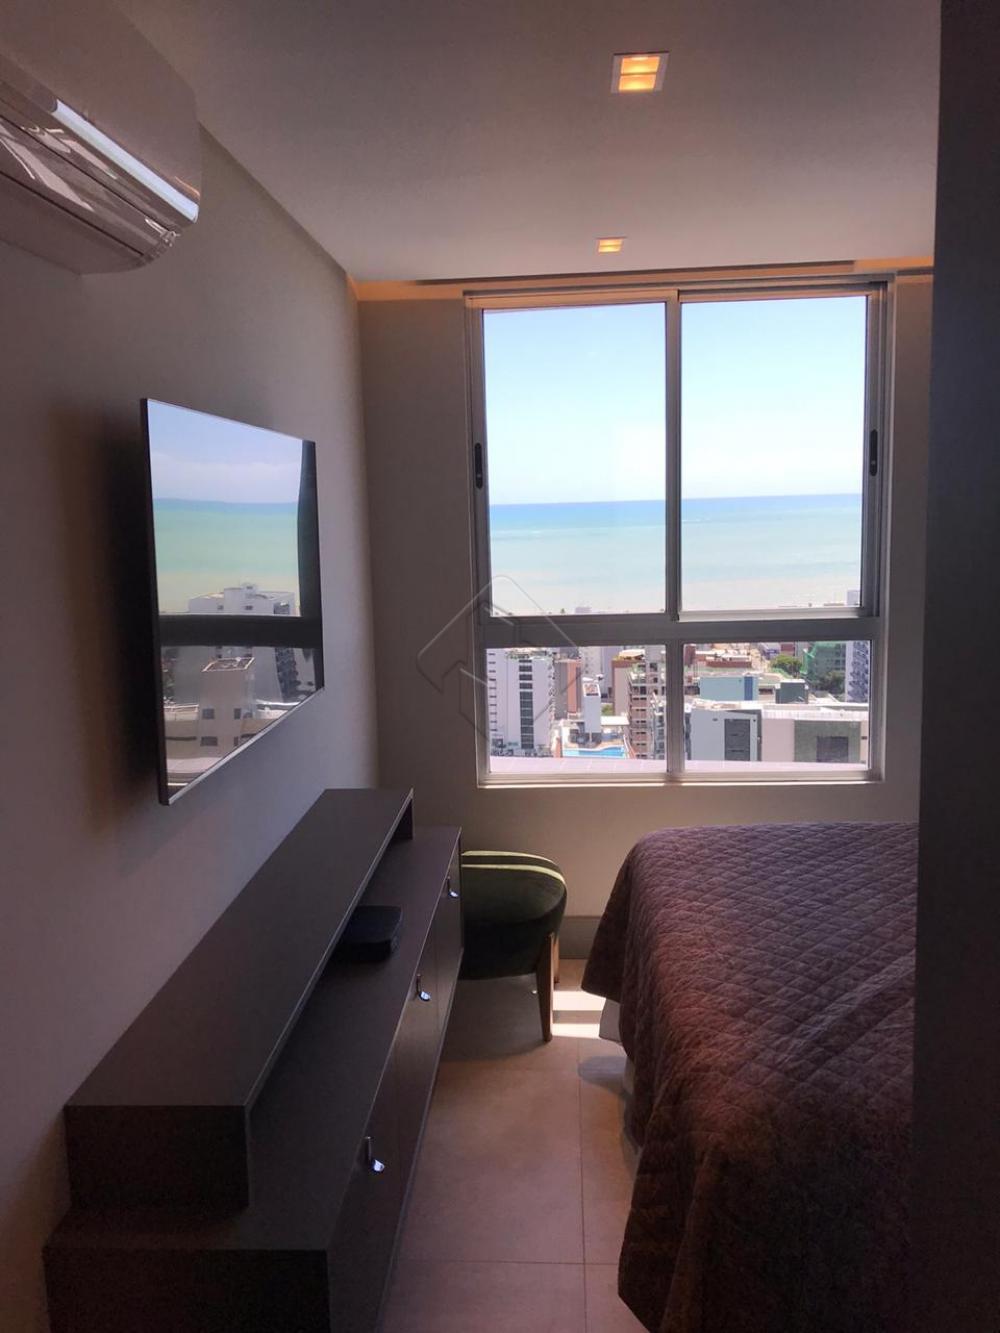 Comprar Apartamento / Padrão em João Pessoa apenas R$ 880.000,00 - Foto 19